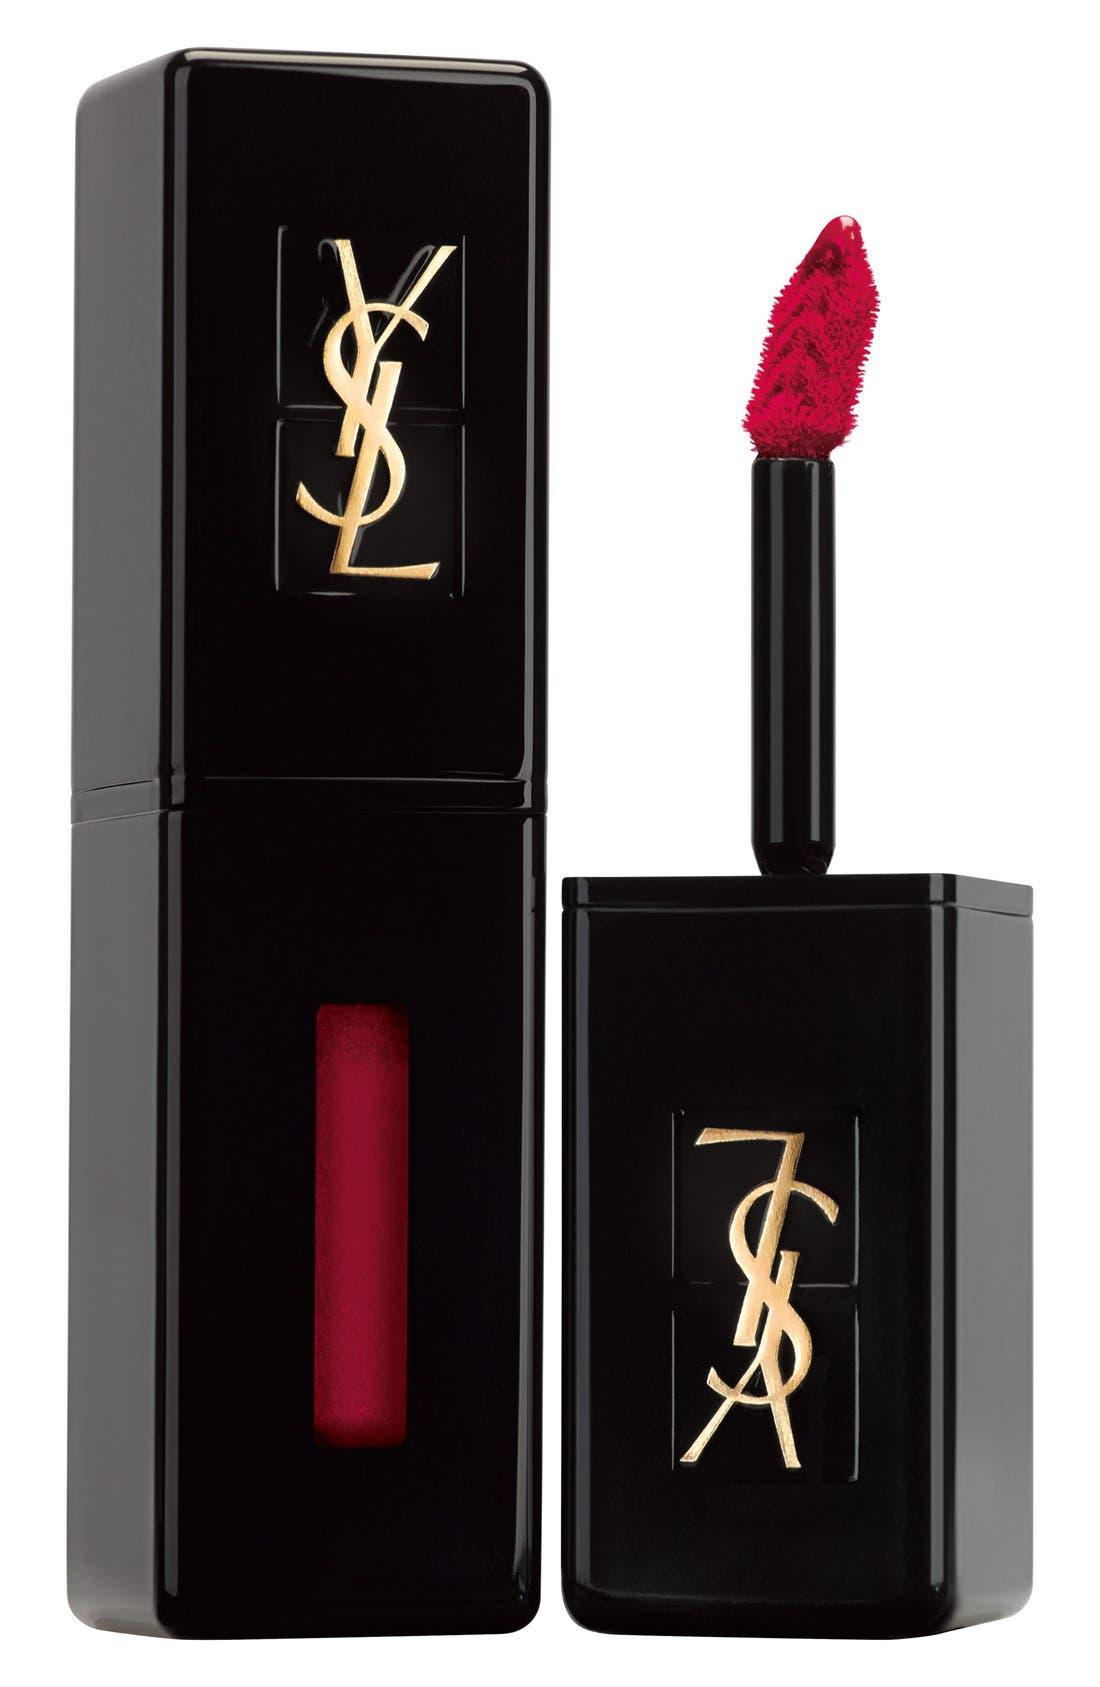 Yves Saint Laurent Vinyl Cream Lip Stain - 409 Burgundy Vibes